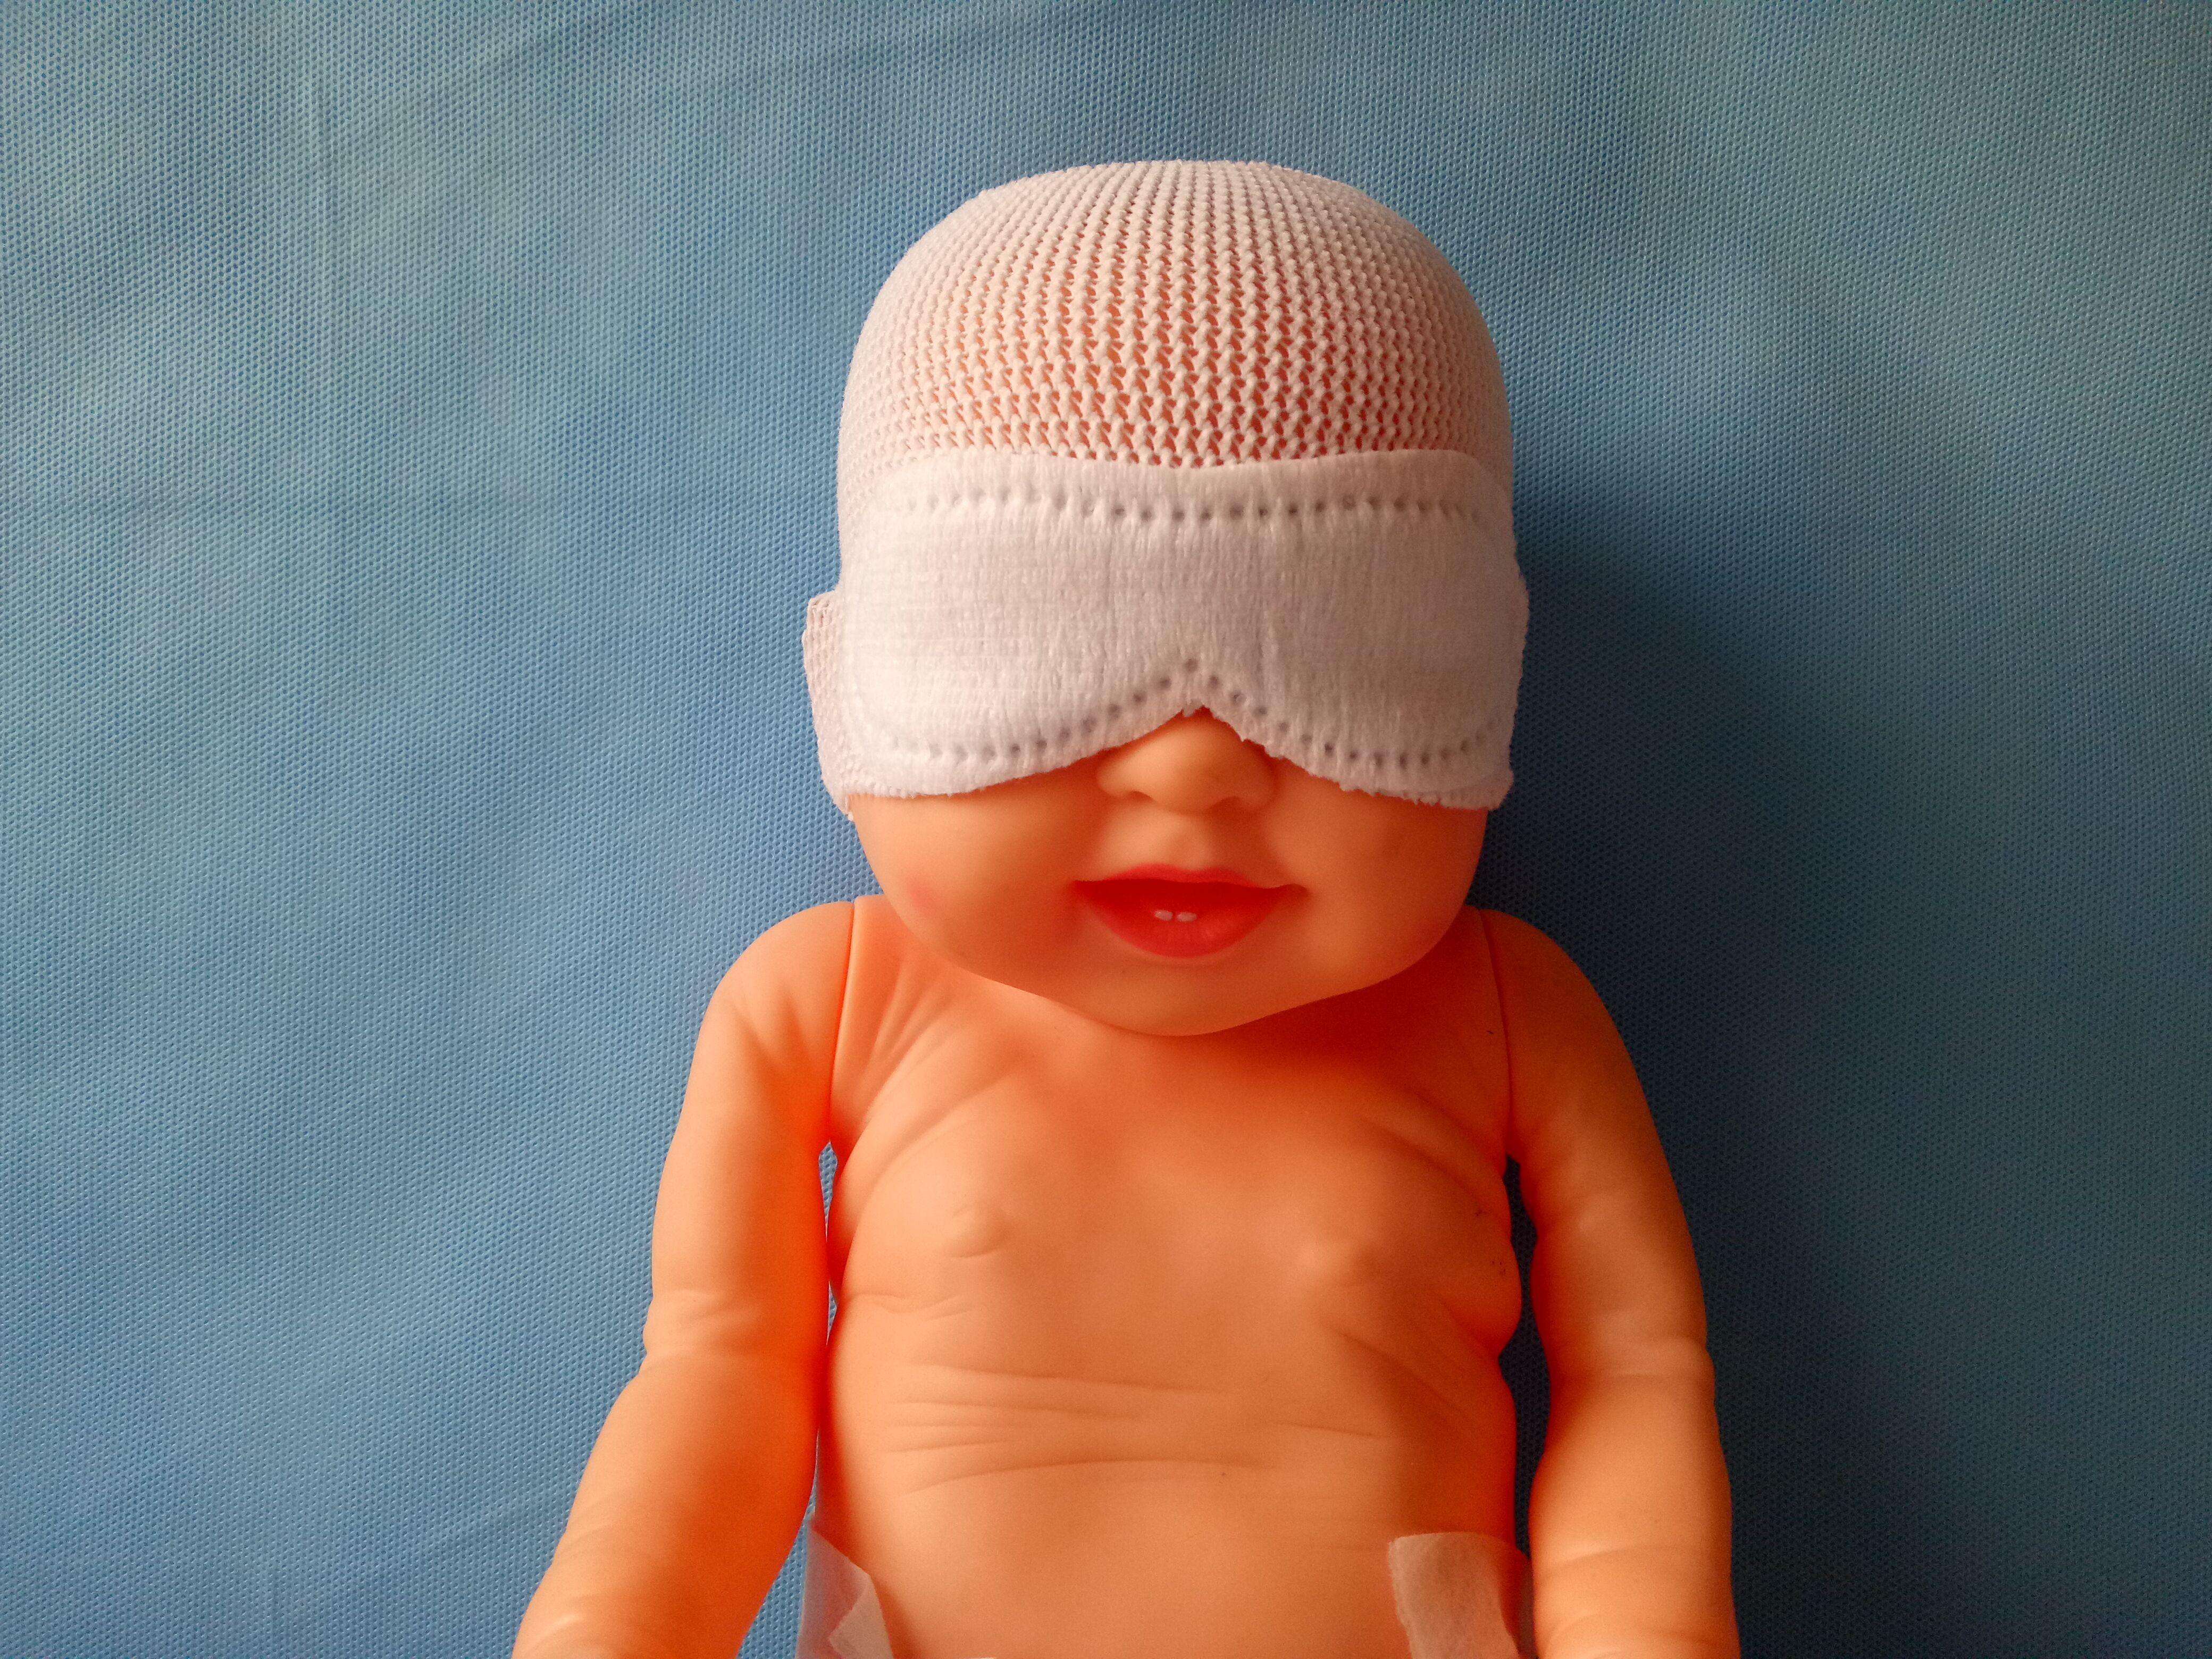 嬰兒戴眼罩圖IV